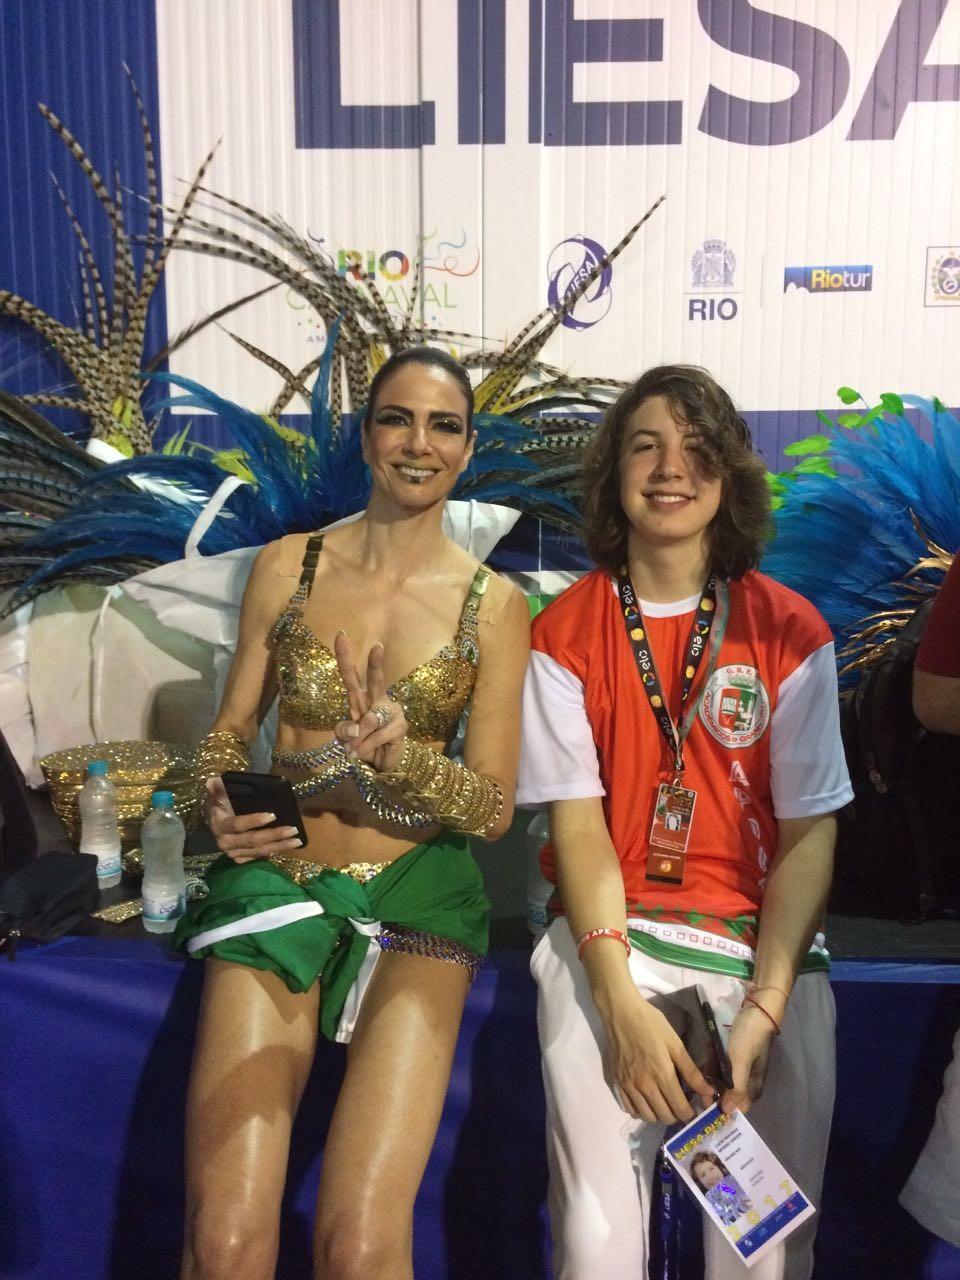 Luciana Gimenez e o filho, Lucas Jagger, que desfilarão juntos na Sapucaí (Foto: Guilherme Scarpa)